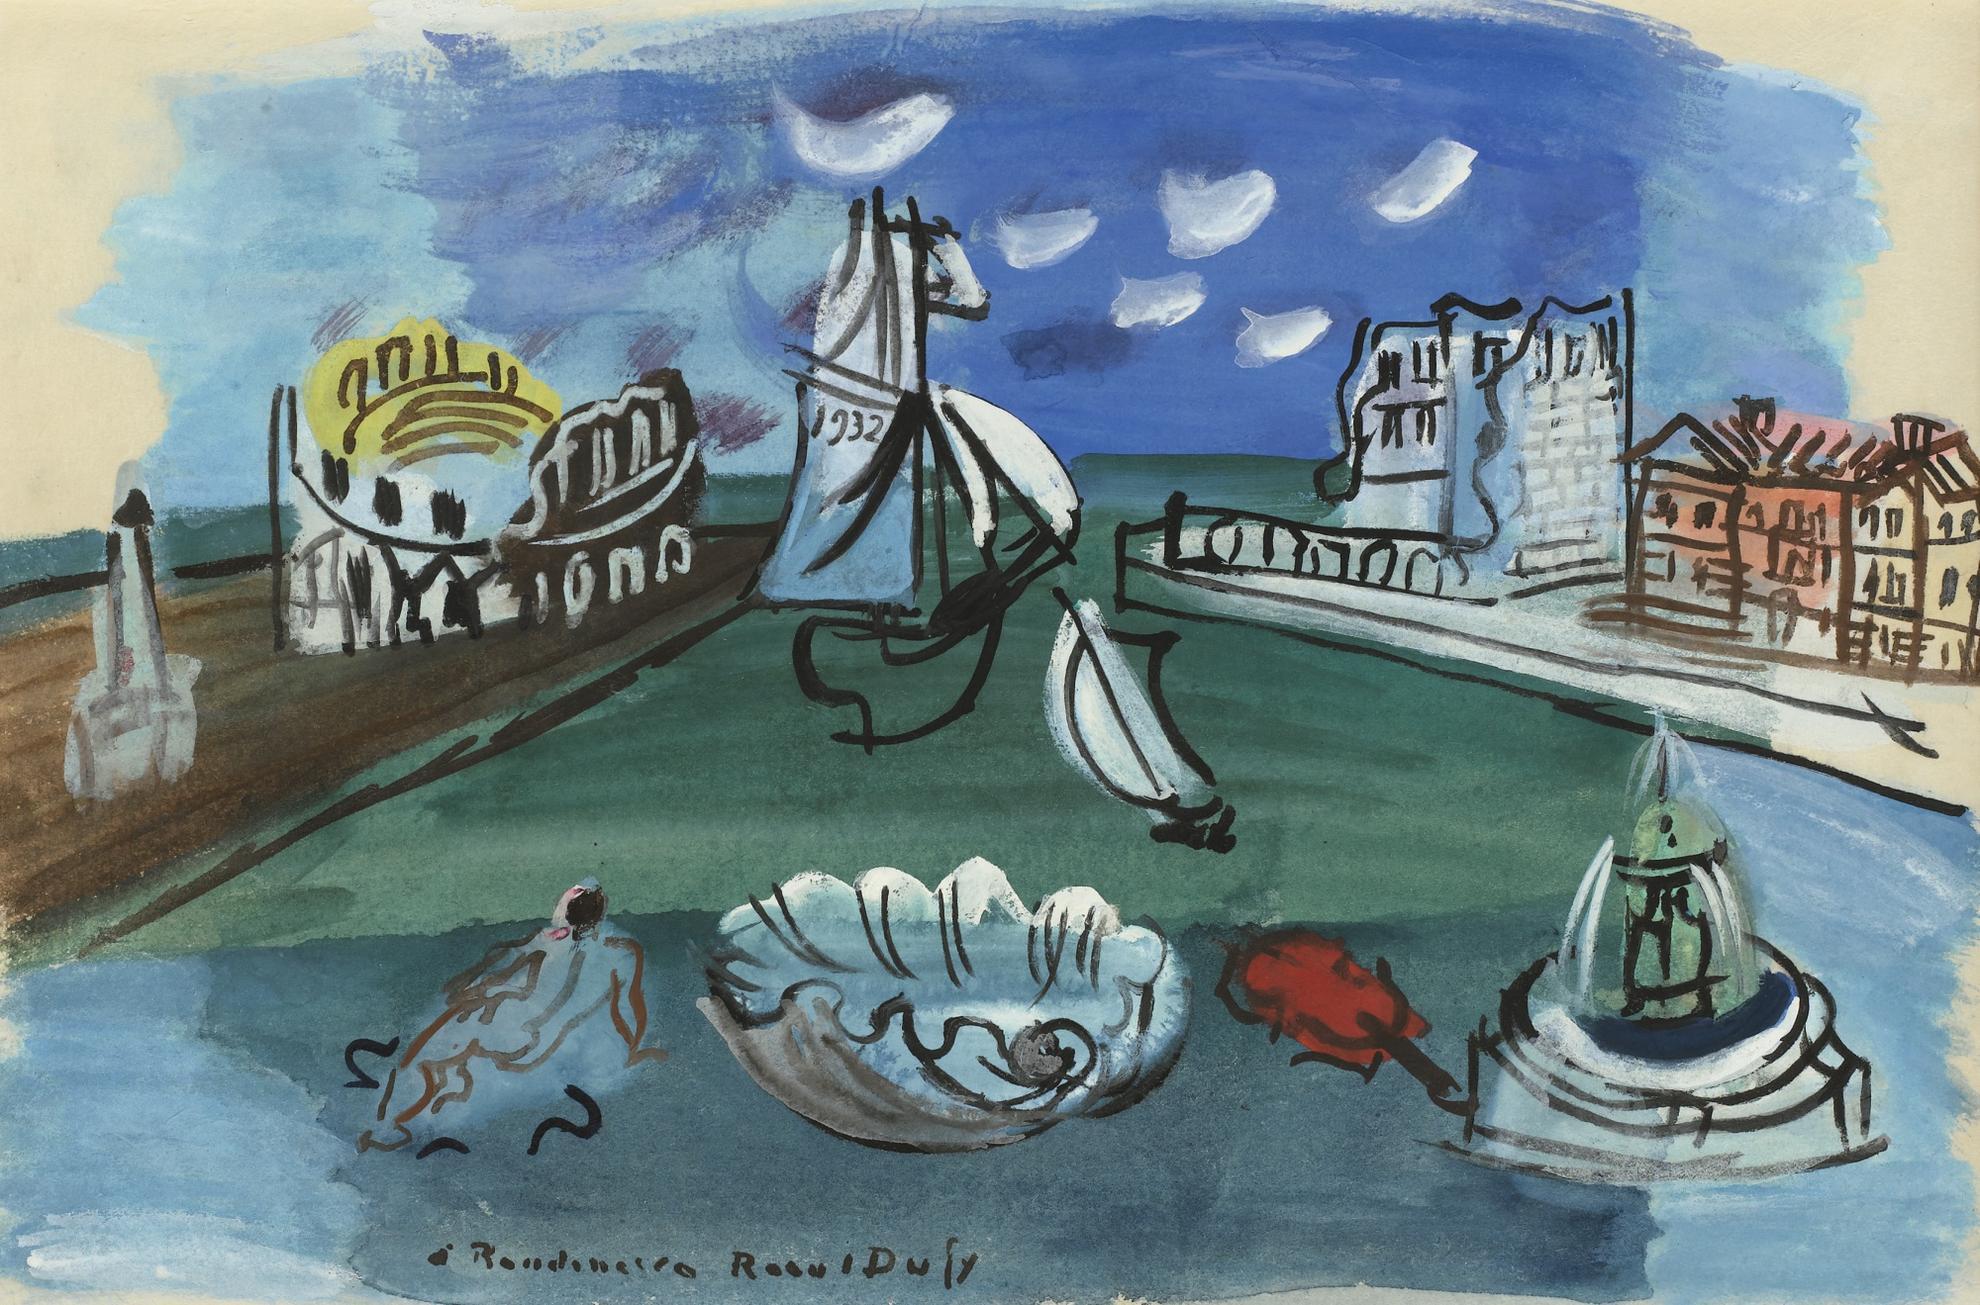 Raoul Dufy-Composition, Port, Violon, Fontaine-1932